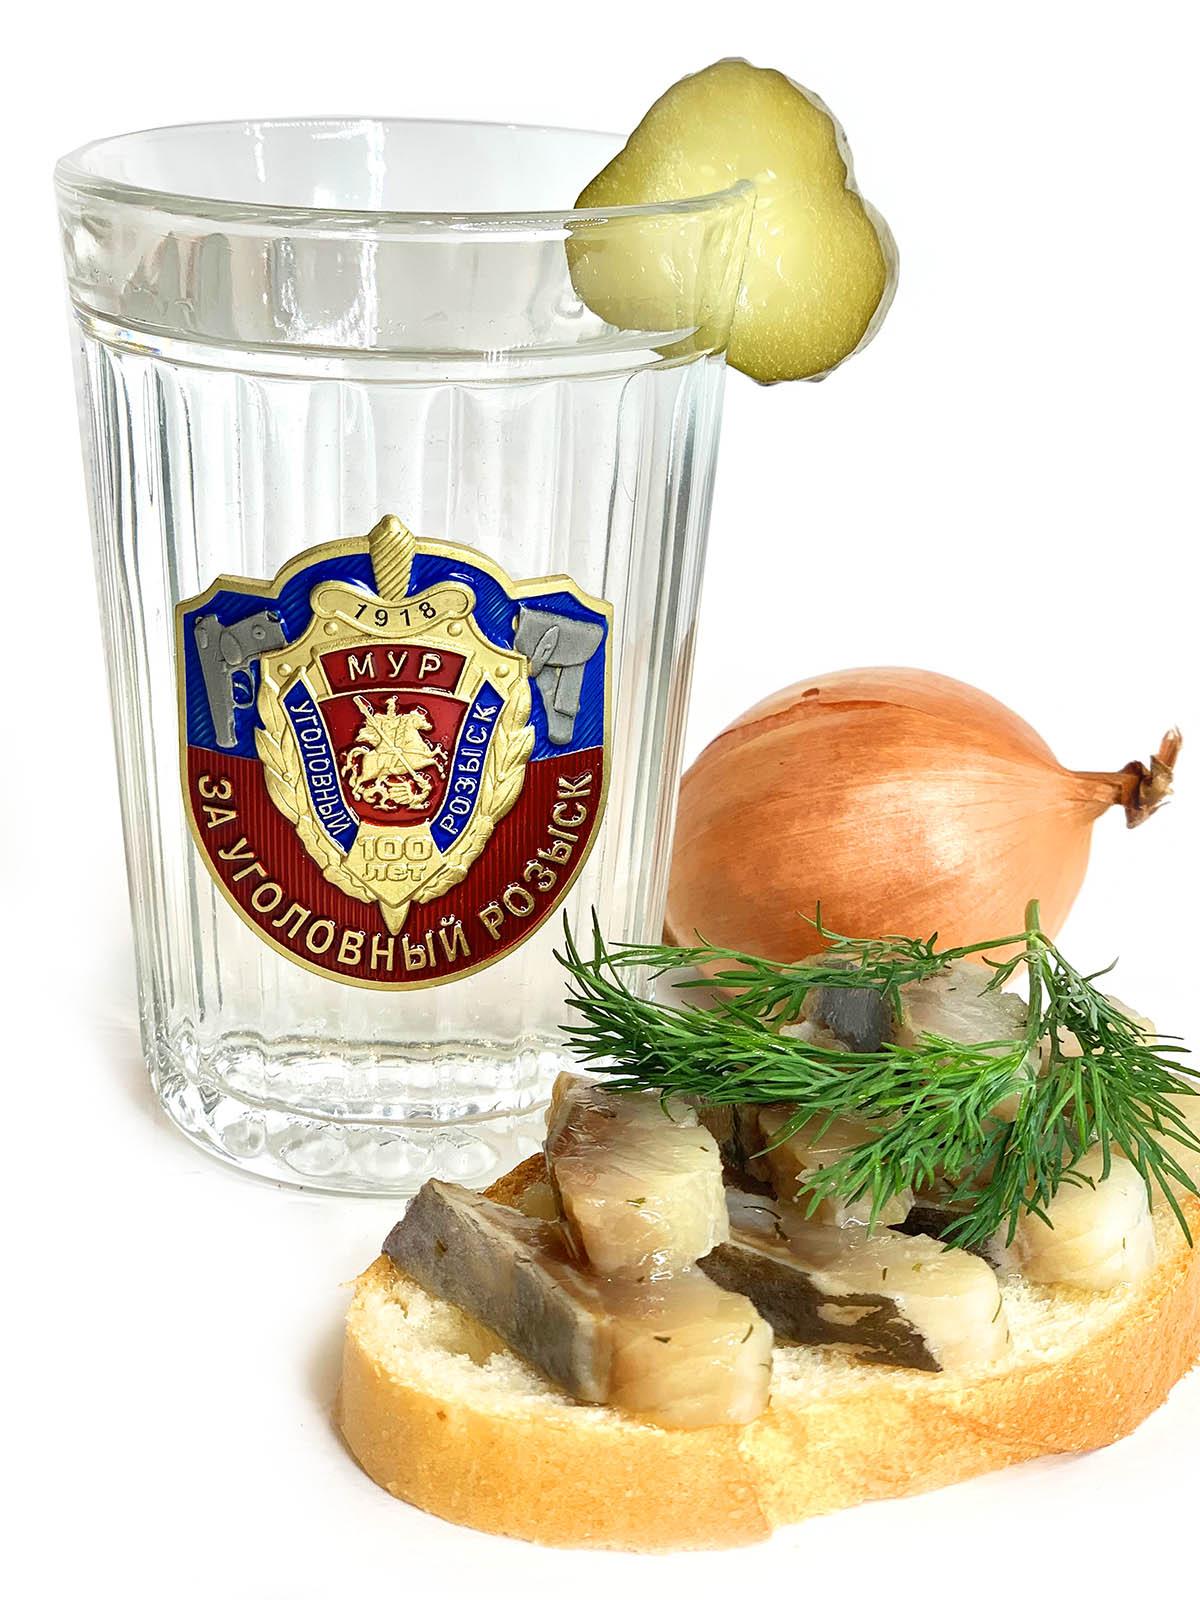 Советские граненые стаканы Уголовный розыск МУР на подарок военнослужащему